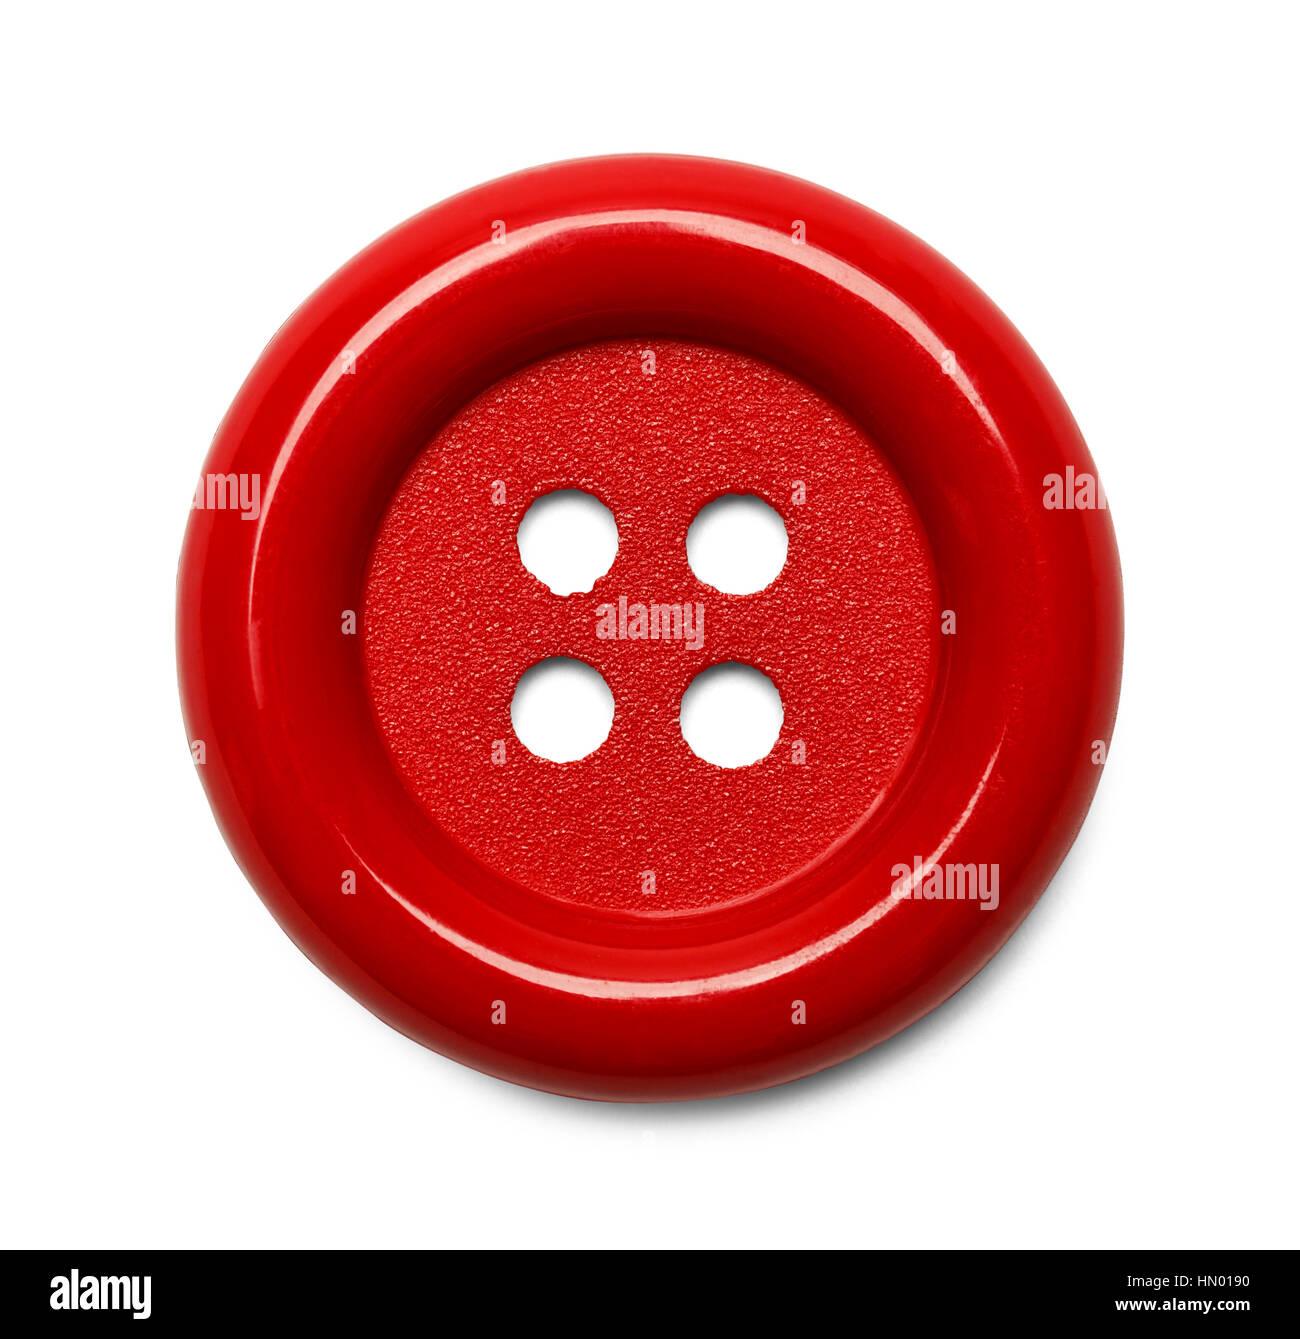 5 Plastique Boutons Vêtements Boutons Manteau boutons Vestes Boutons 22 30 mm rouge bleu jaune